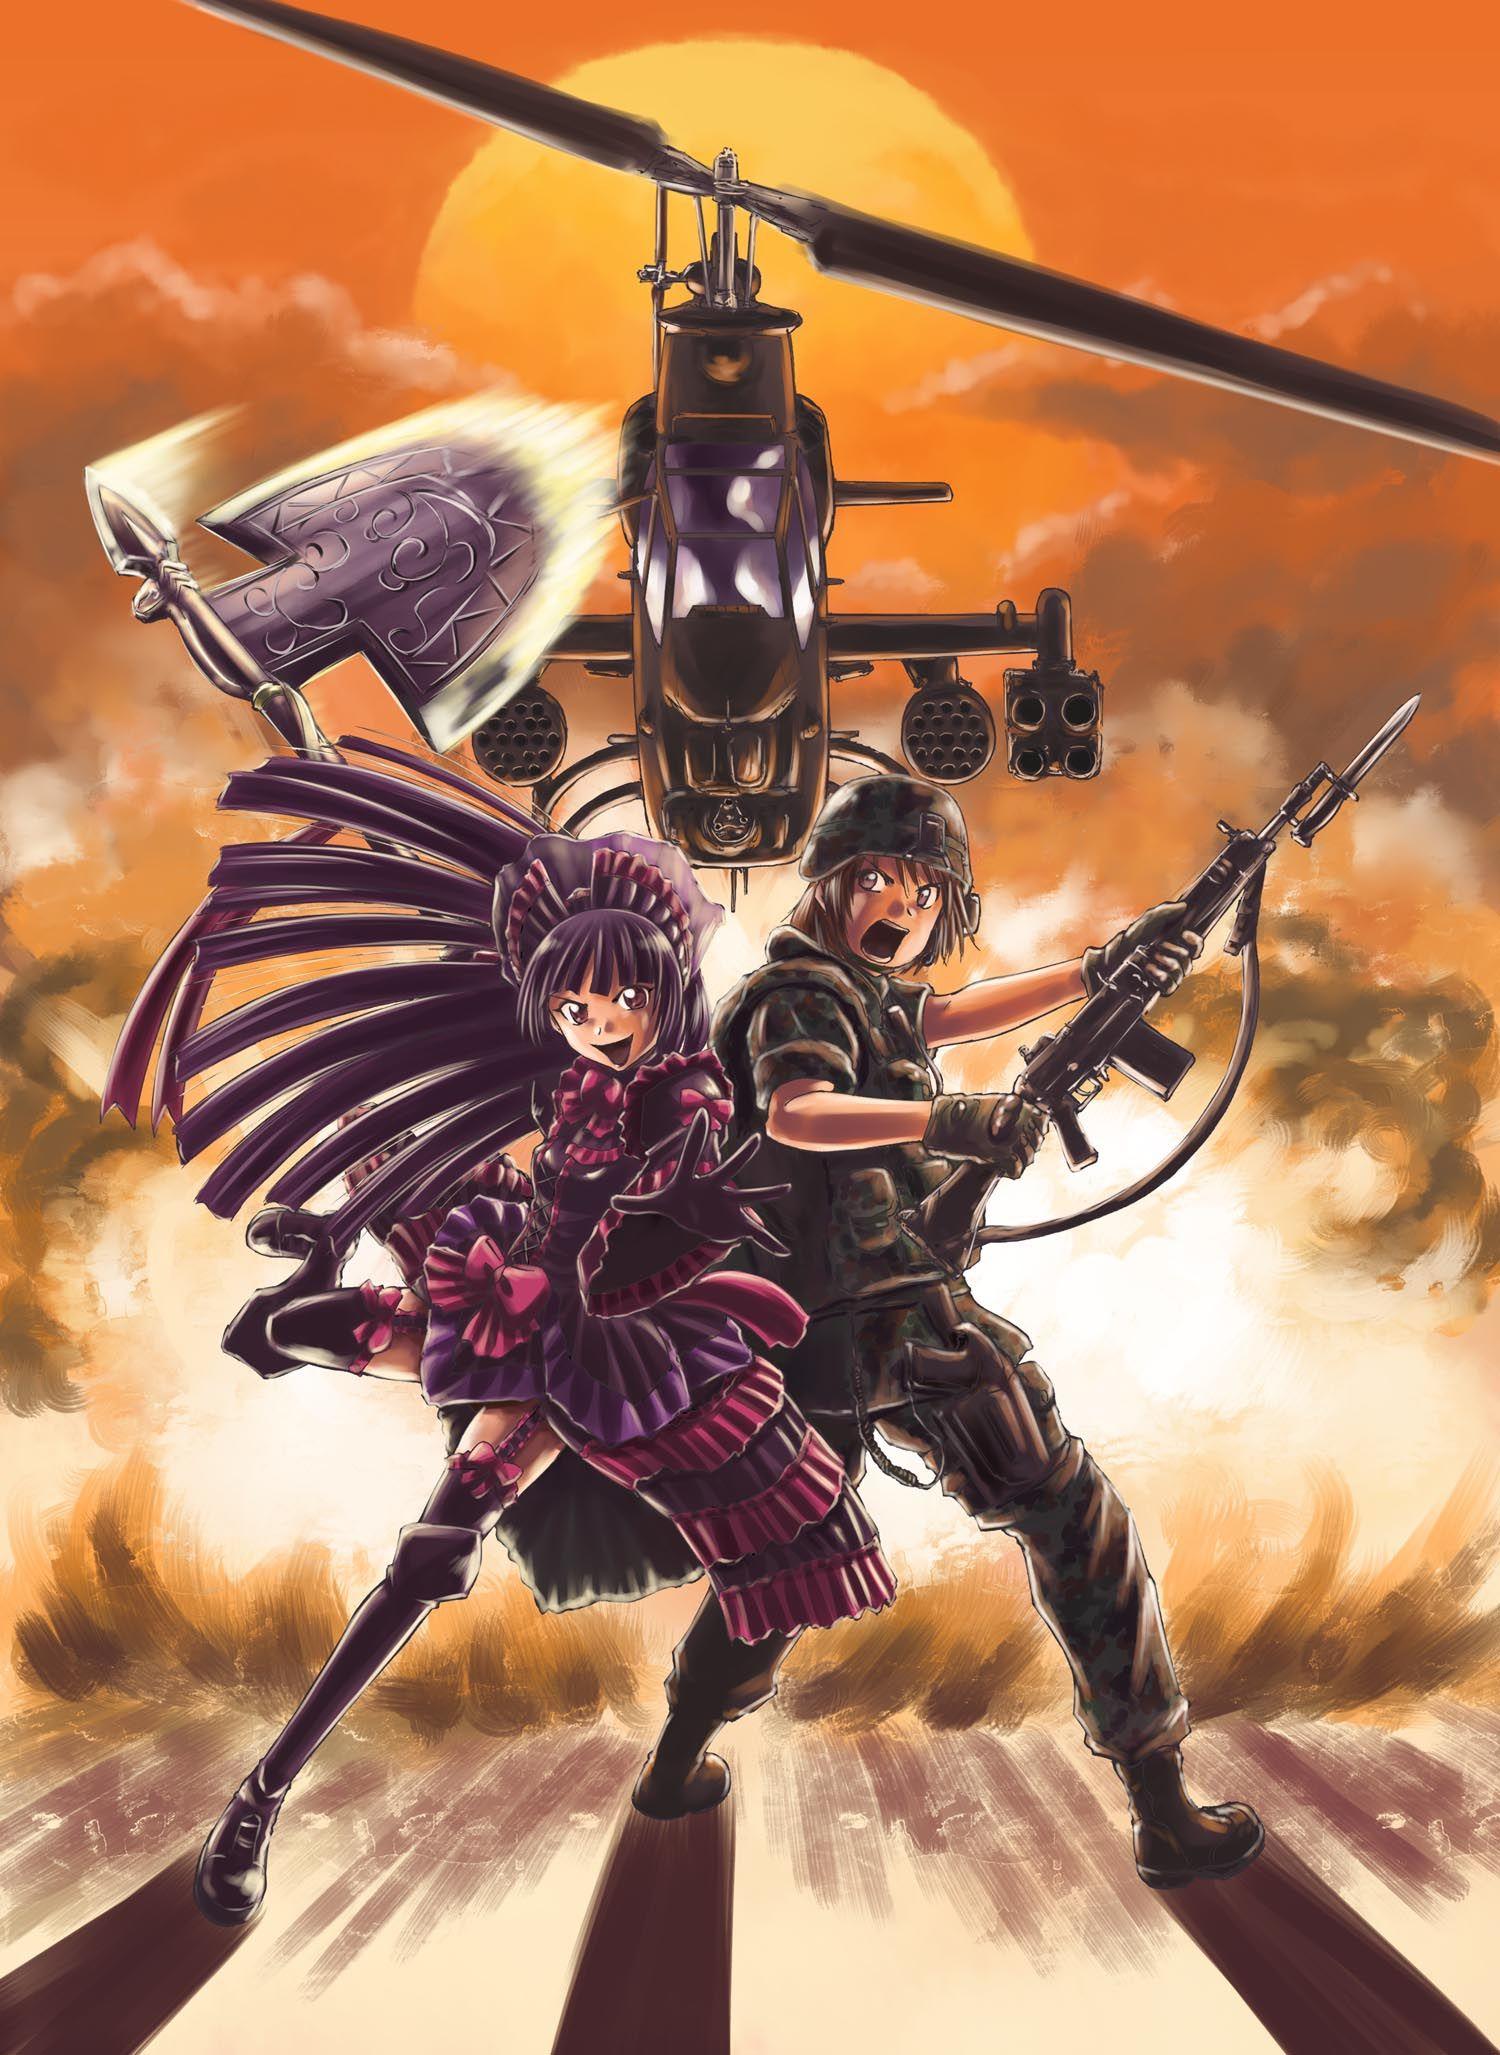 Gate Jieitai Kanochi Nite Kaku Tatakeri Kawaii Anime Anime Wallpaper Anime Military